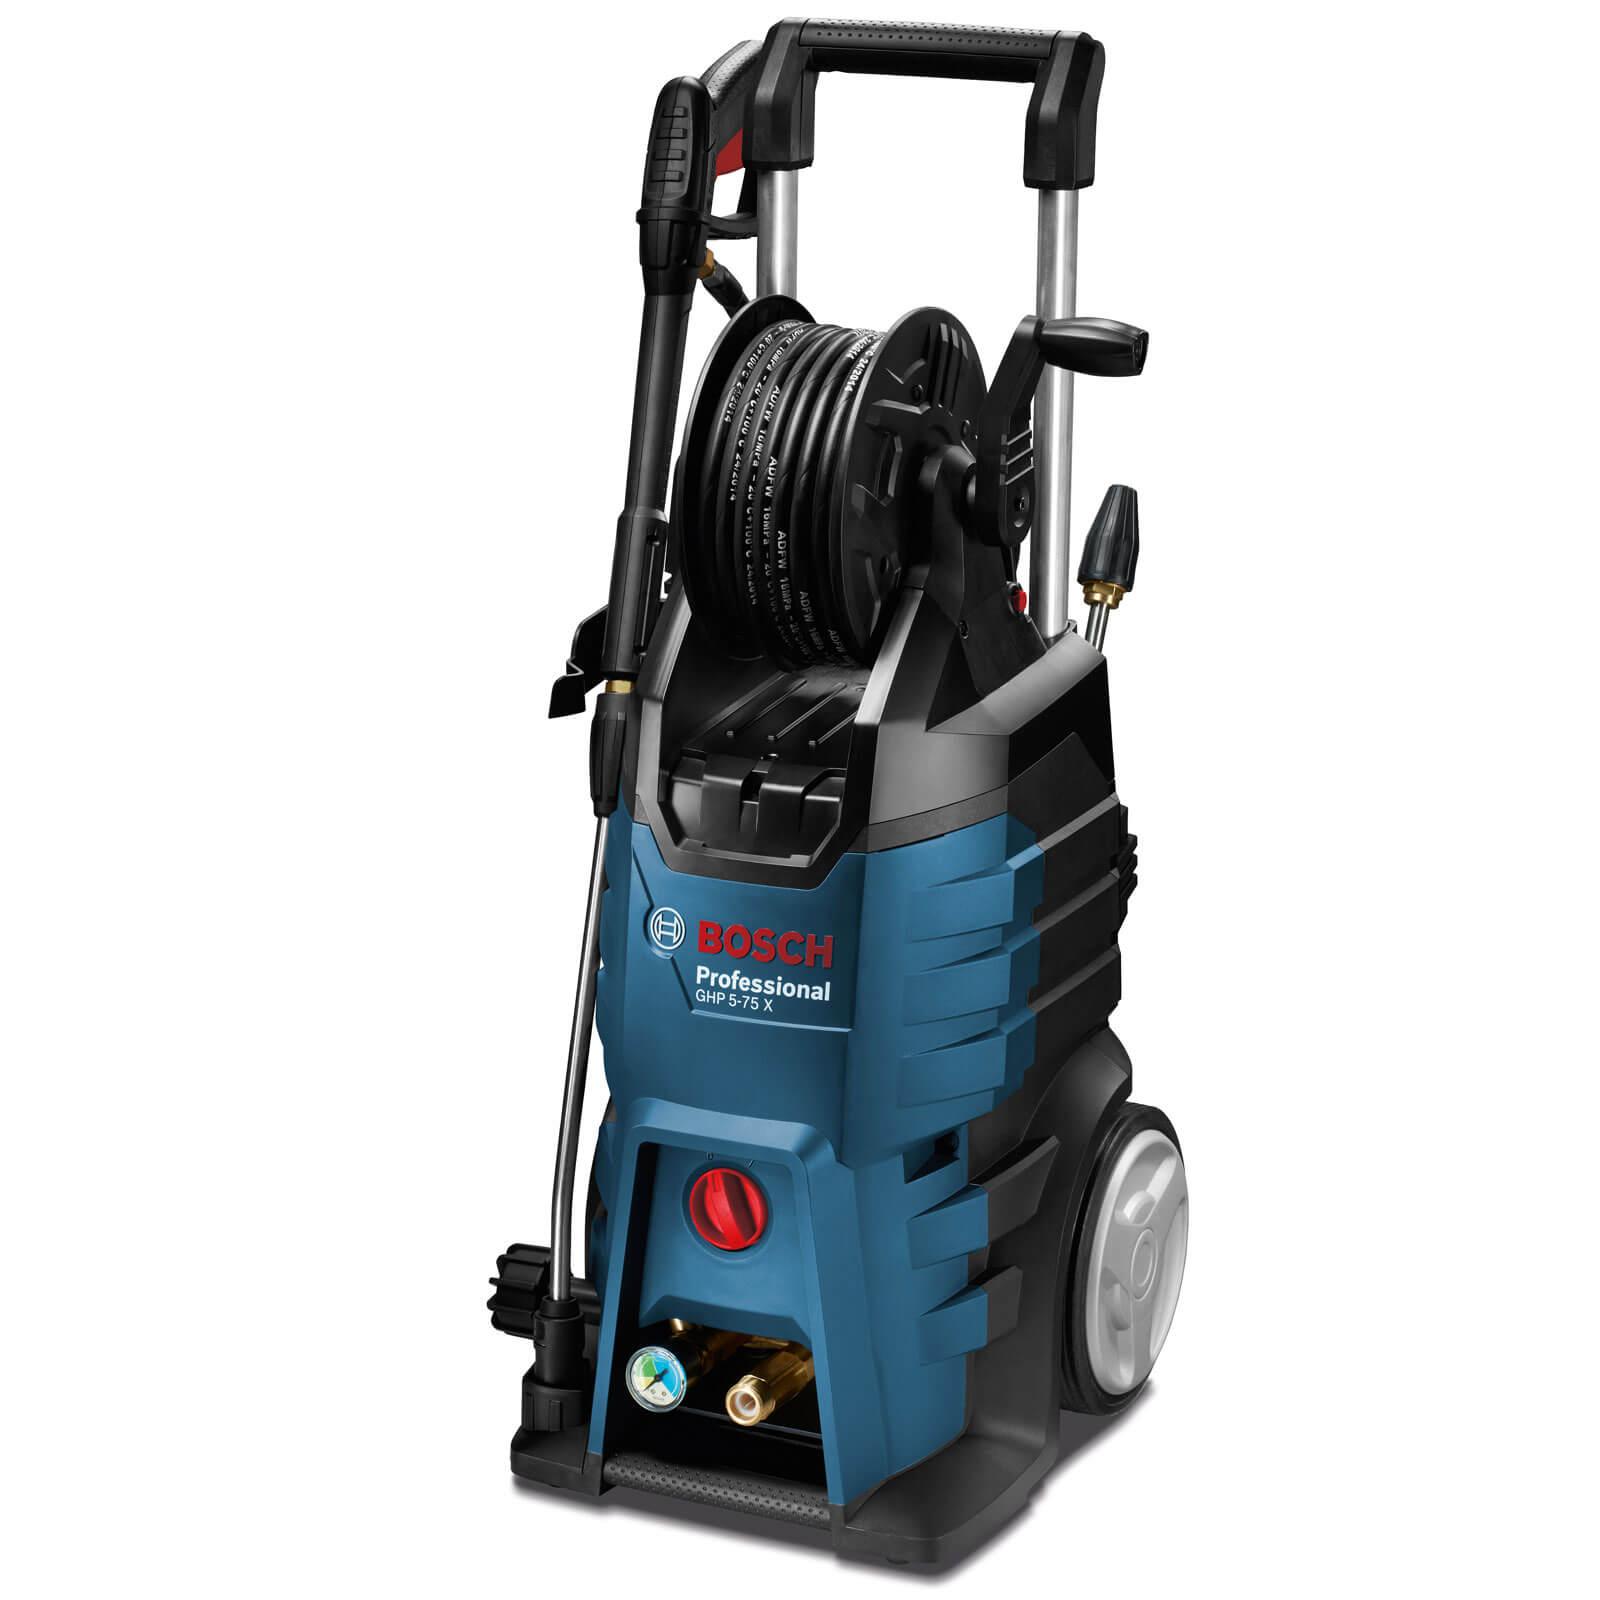 Bosch GHP 575 X Professional Pressure Washer 185 Bar 240v